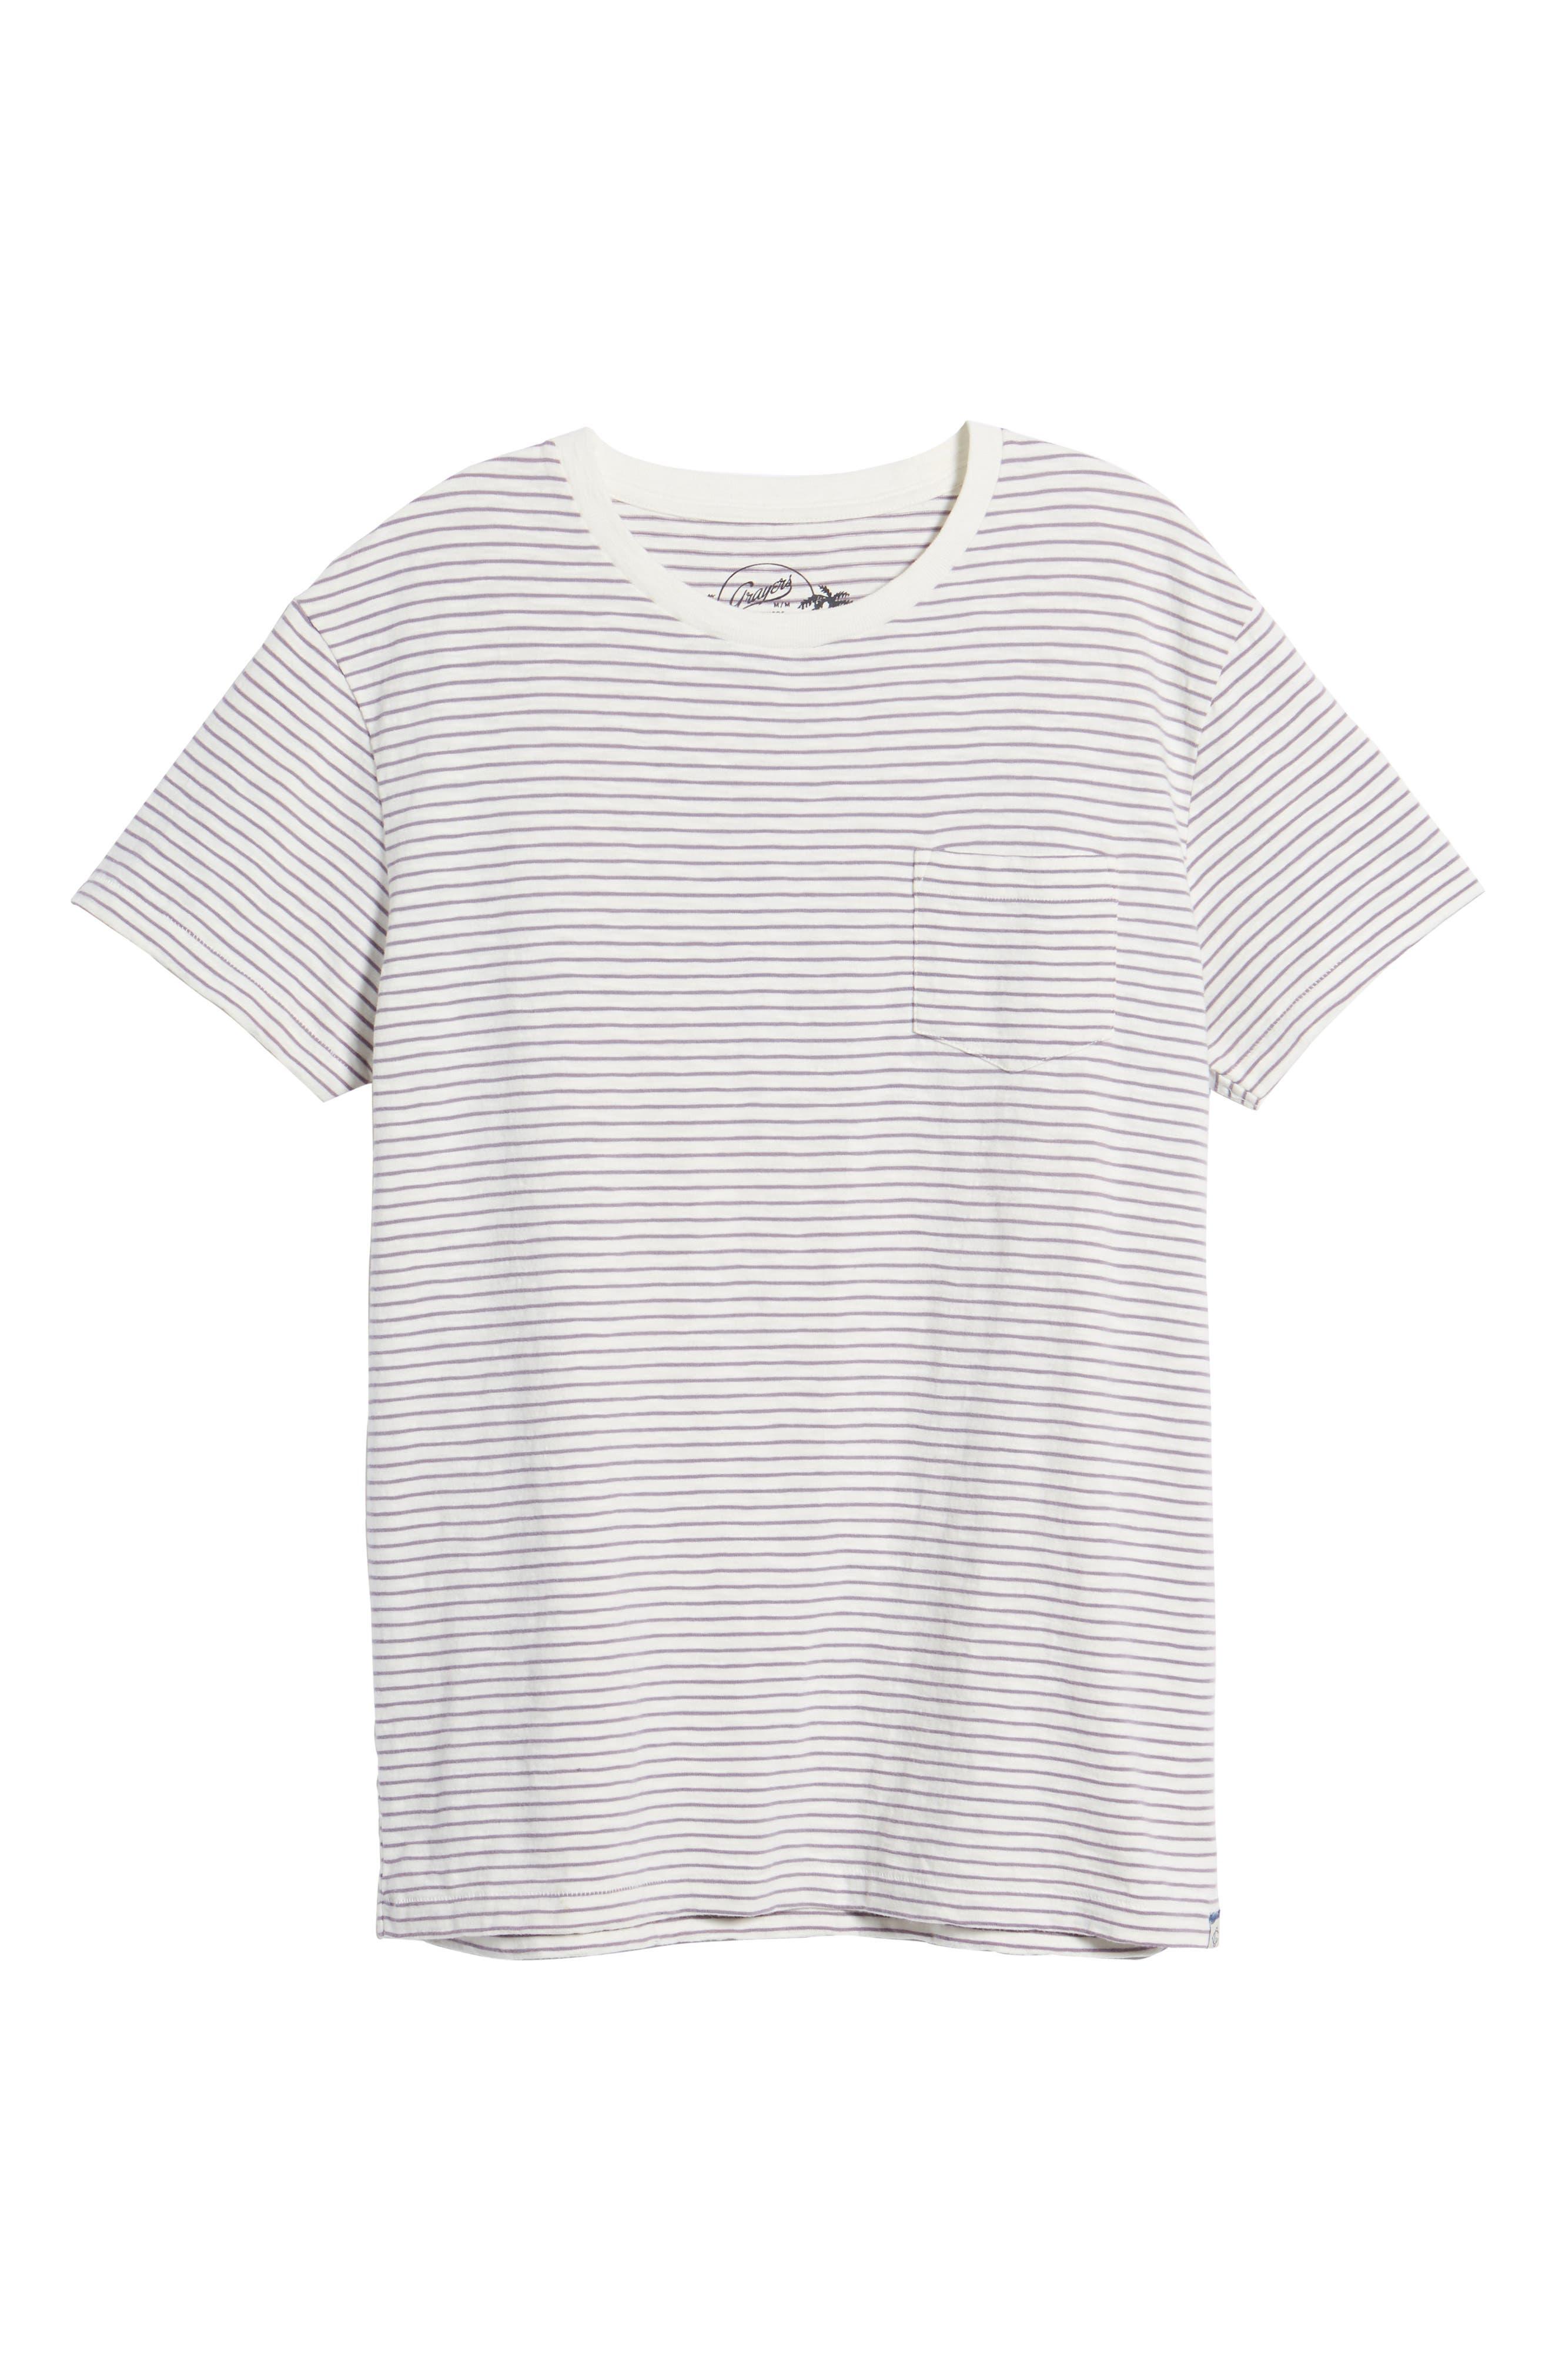 Malaga Cove Stripe T-Shirt,                             Alternate thumbnail 6, color,                             114